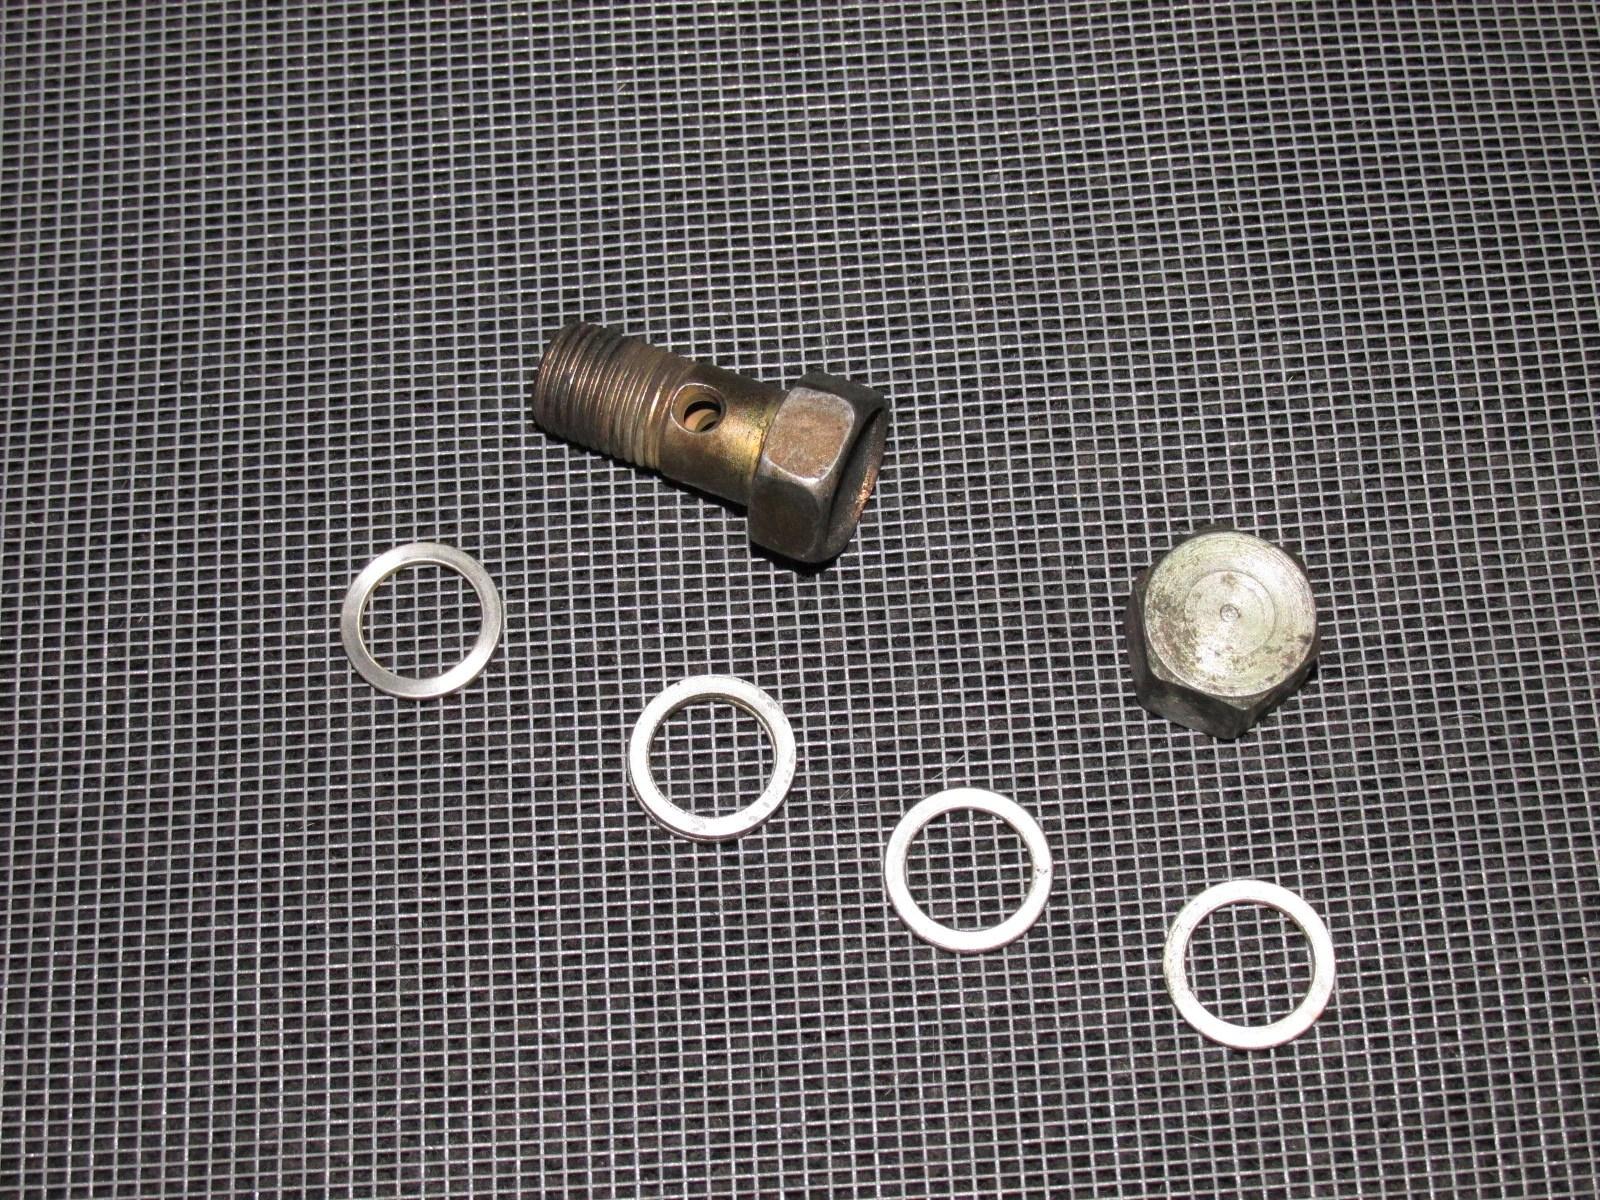 99 00 honda civic oem fuel filter line banjo bolt product image  [ 1600 x 1200 Pixel ]